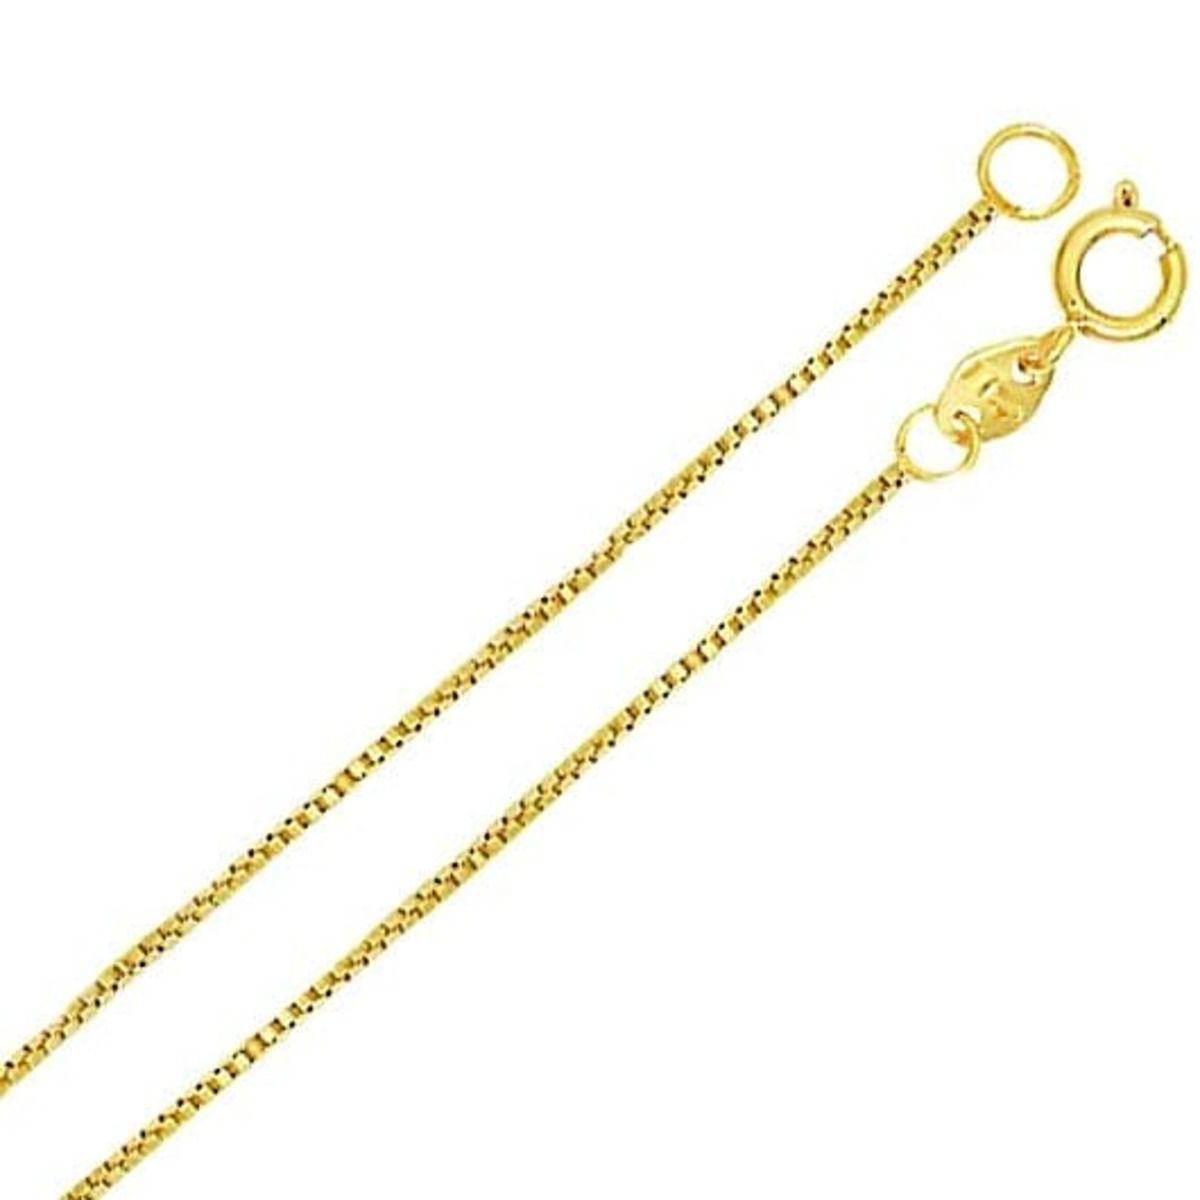 Colar Cordão Veneziana 0.6 40cm Banho De Ouro 18k 4164